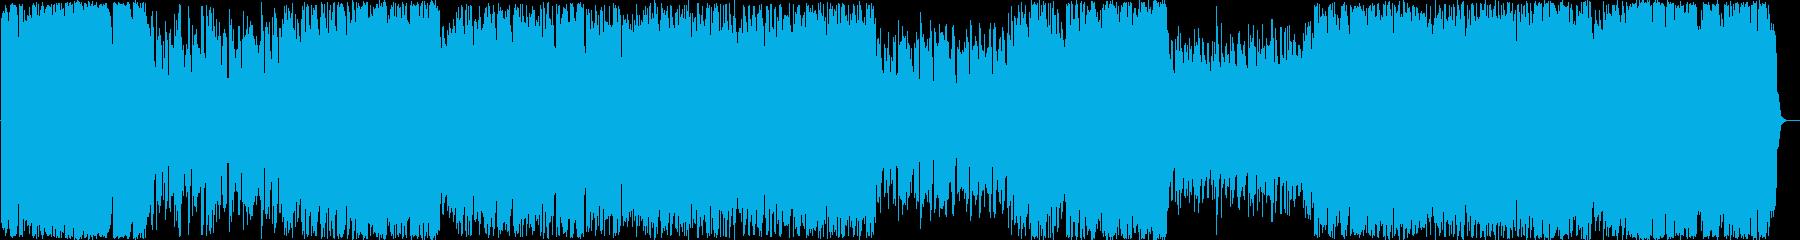 シューティングゲーム風なチップチューンの再生済みの波形